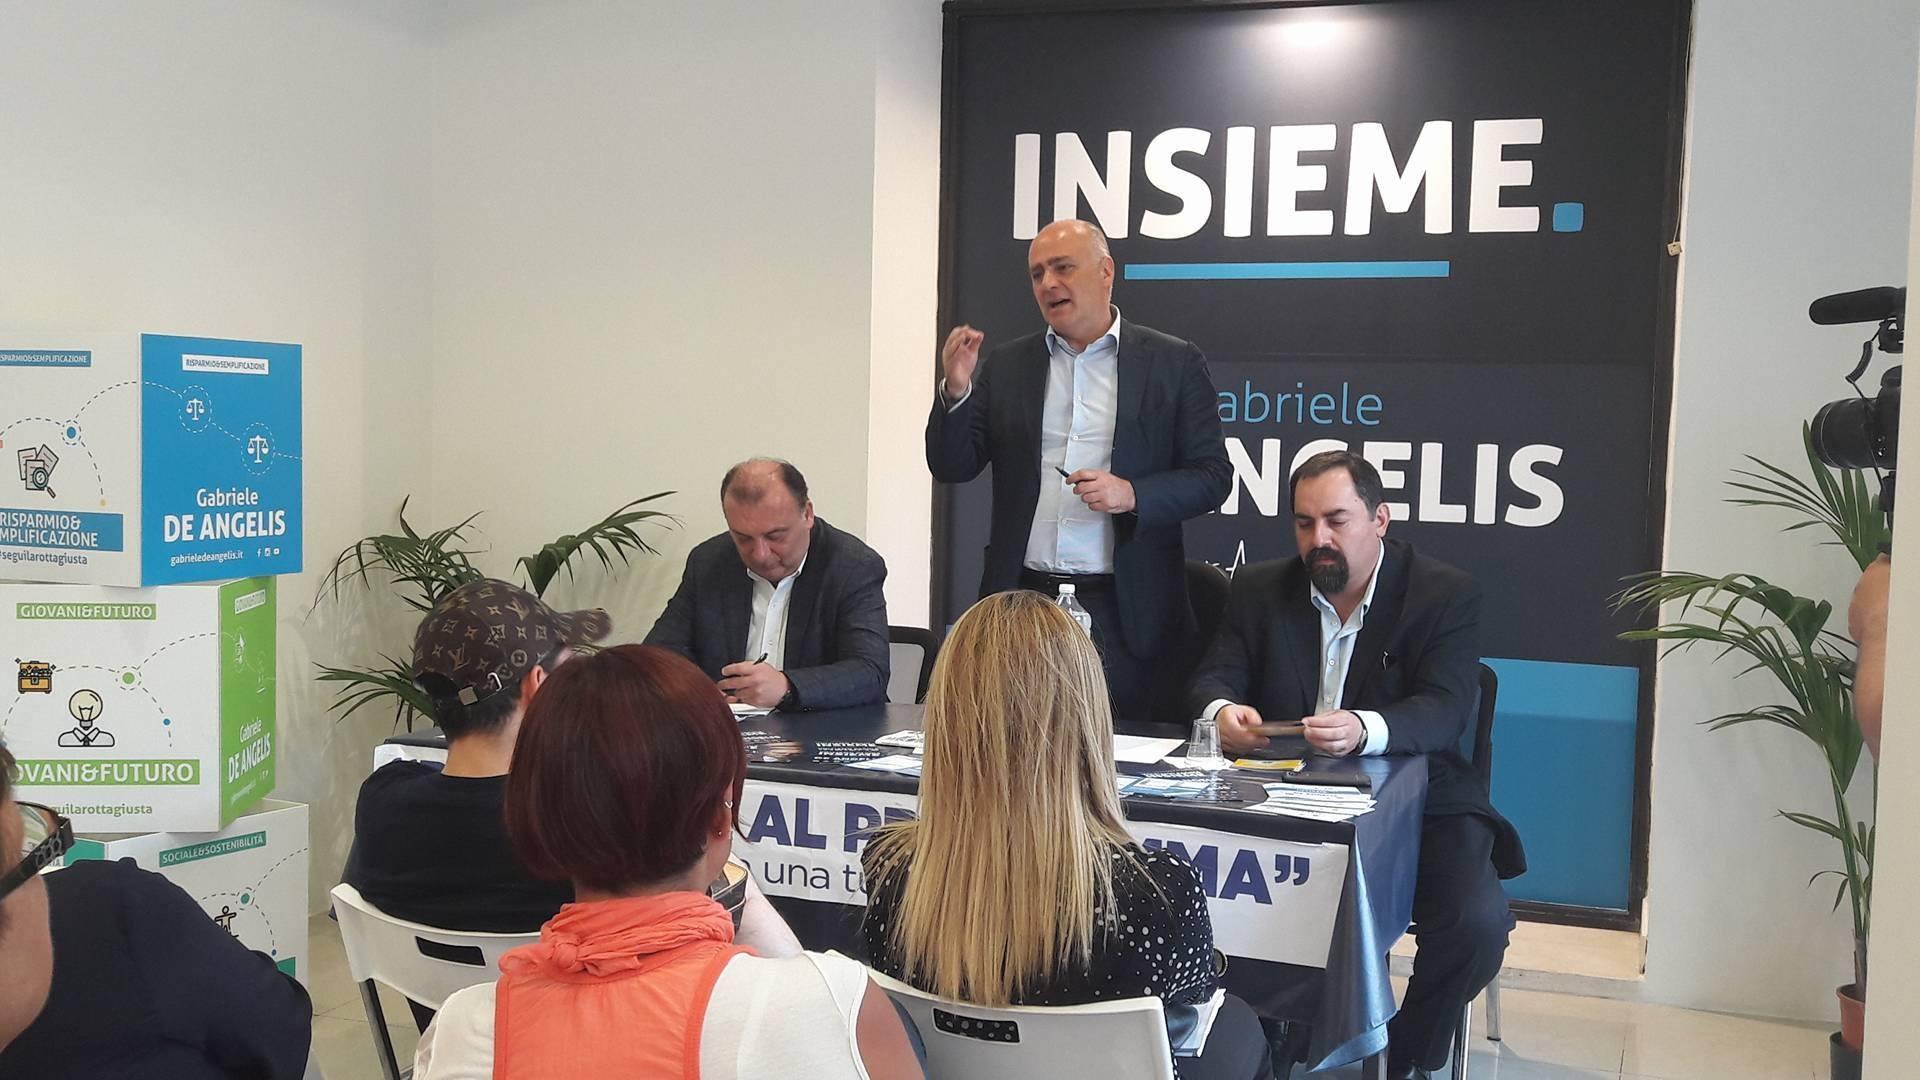 """L'europarlamentare Martusciello ad Avezzano al fianco di De Angelis: """"I fondi europei ci sono ma bisogna sapere portarli sul territorio"""""""